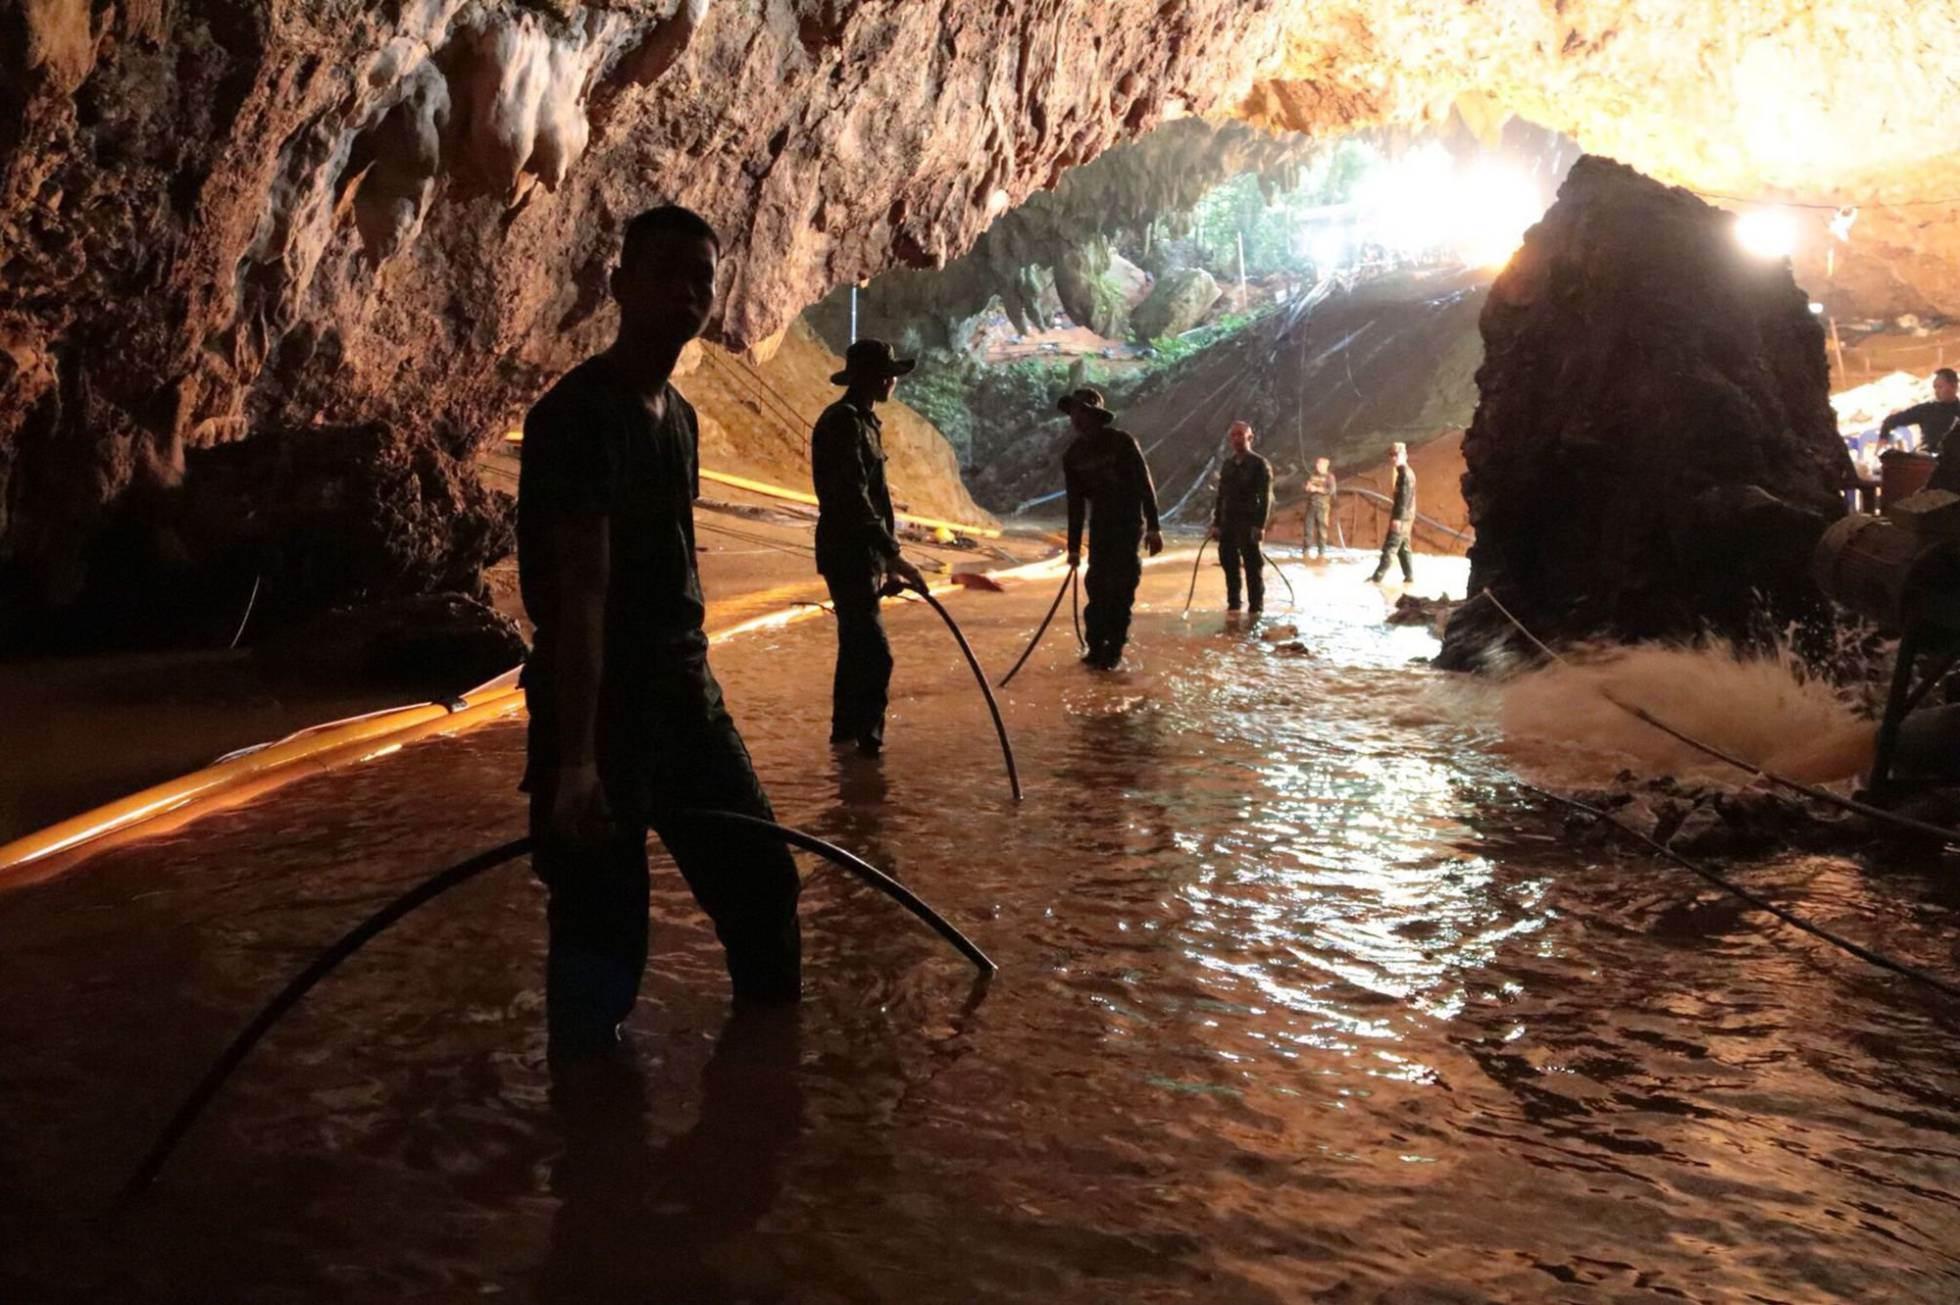 Trabajos de rescate en el interior de la cueva de Tham Luang, el 7 de julio de 2018.